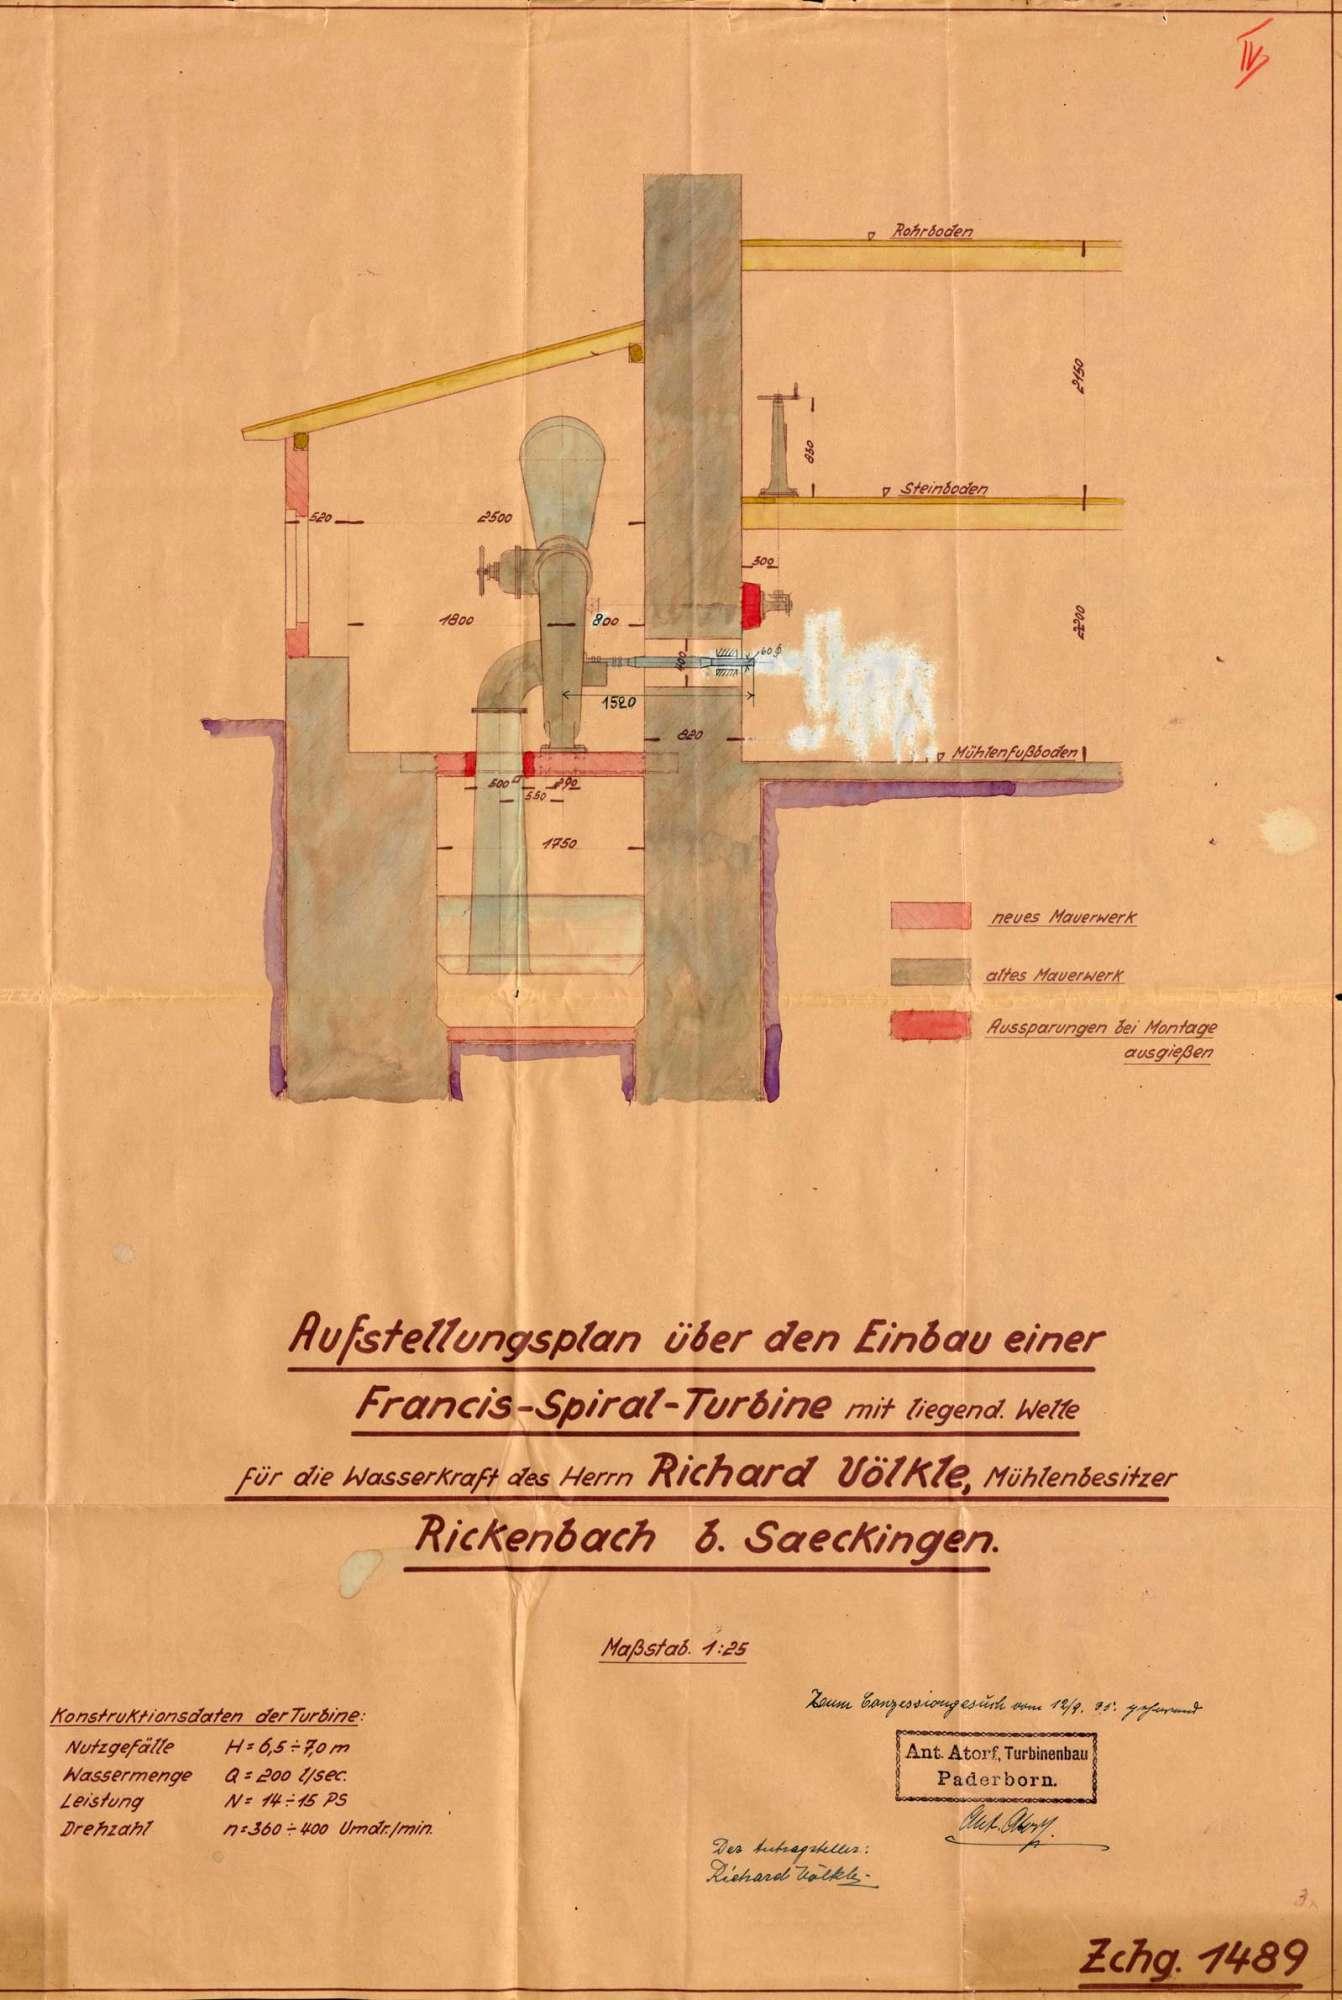 Gesuch des Müllers Richard Völkle in Rickenbach um Genehmigung zum Einbau einer Turbine an Stellte des Wasserrades in seine Wasserkraftanlage, Bild 3